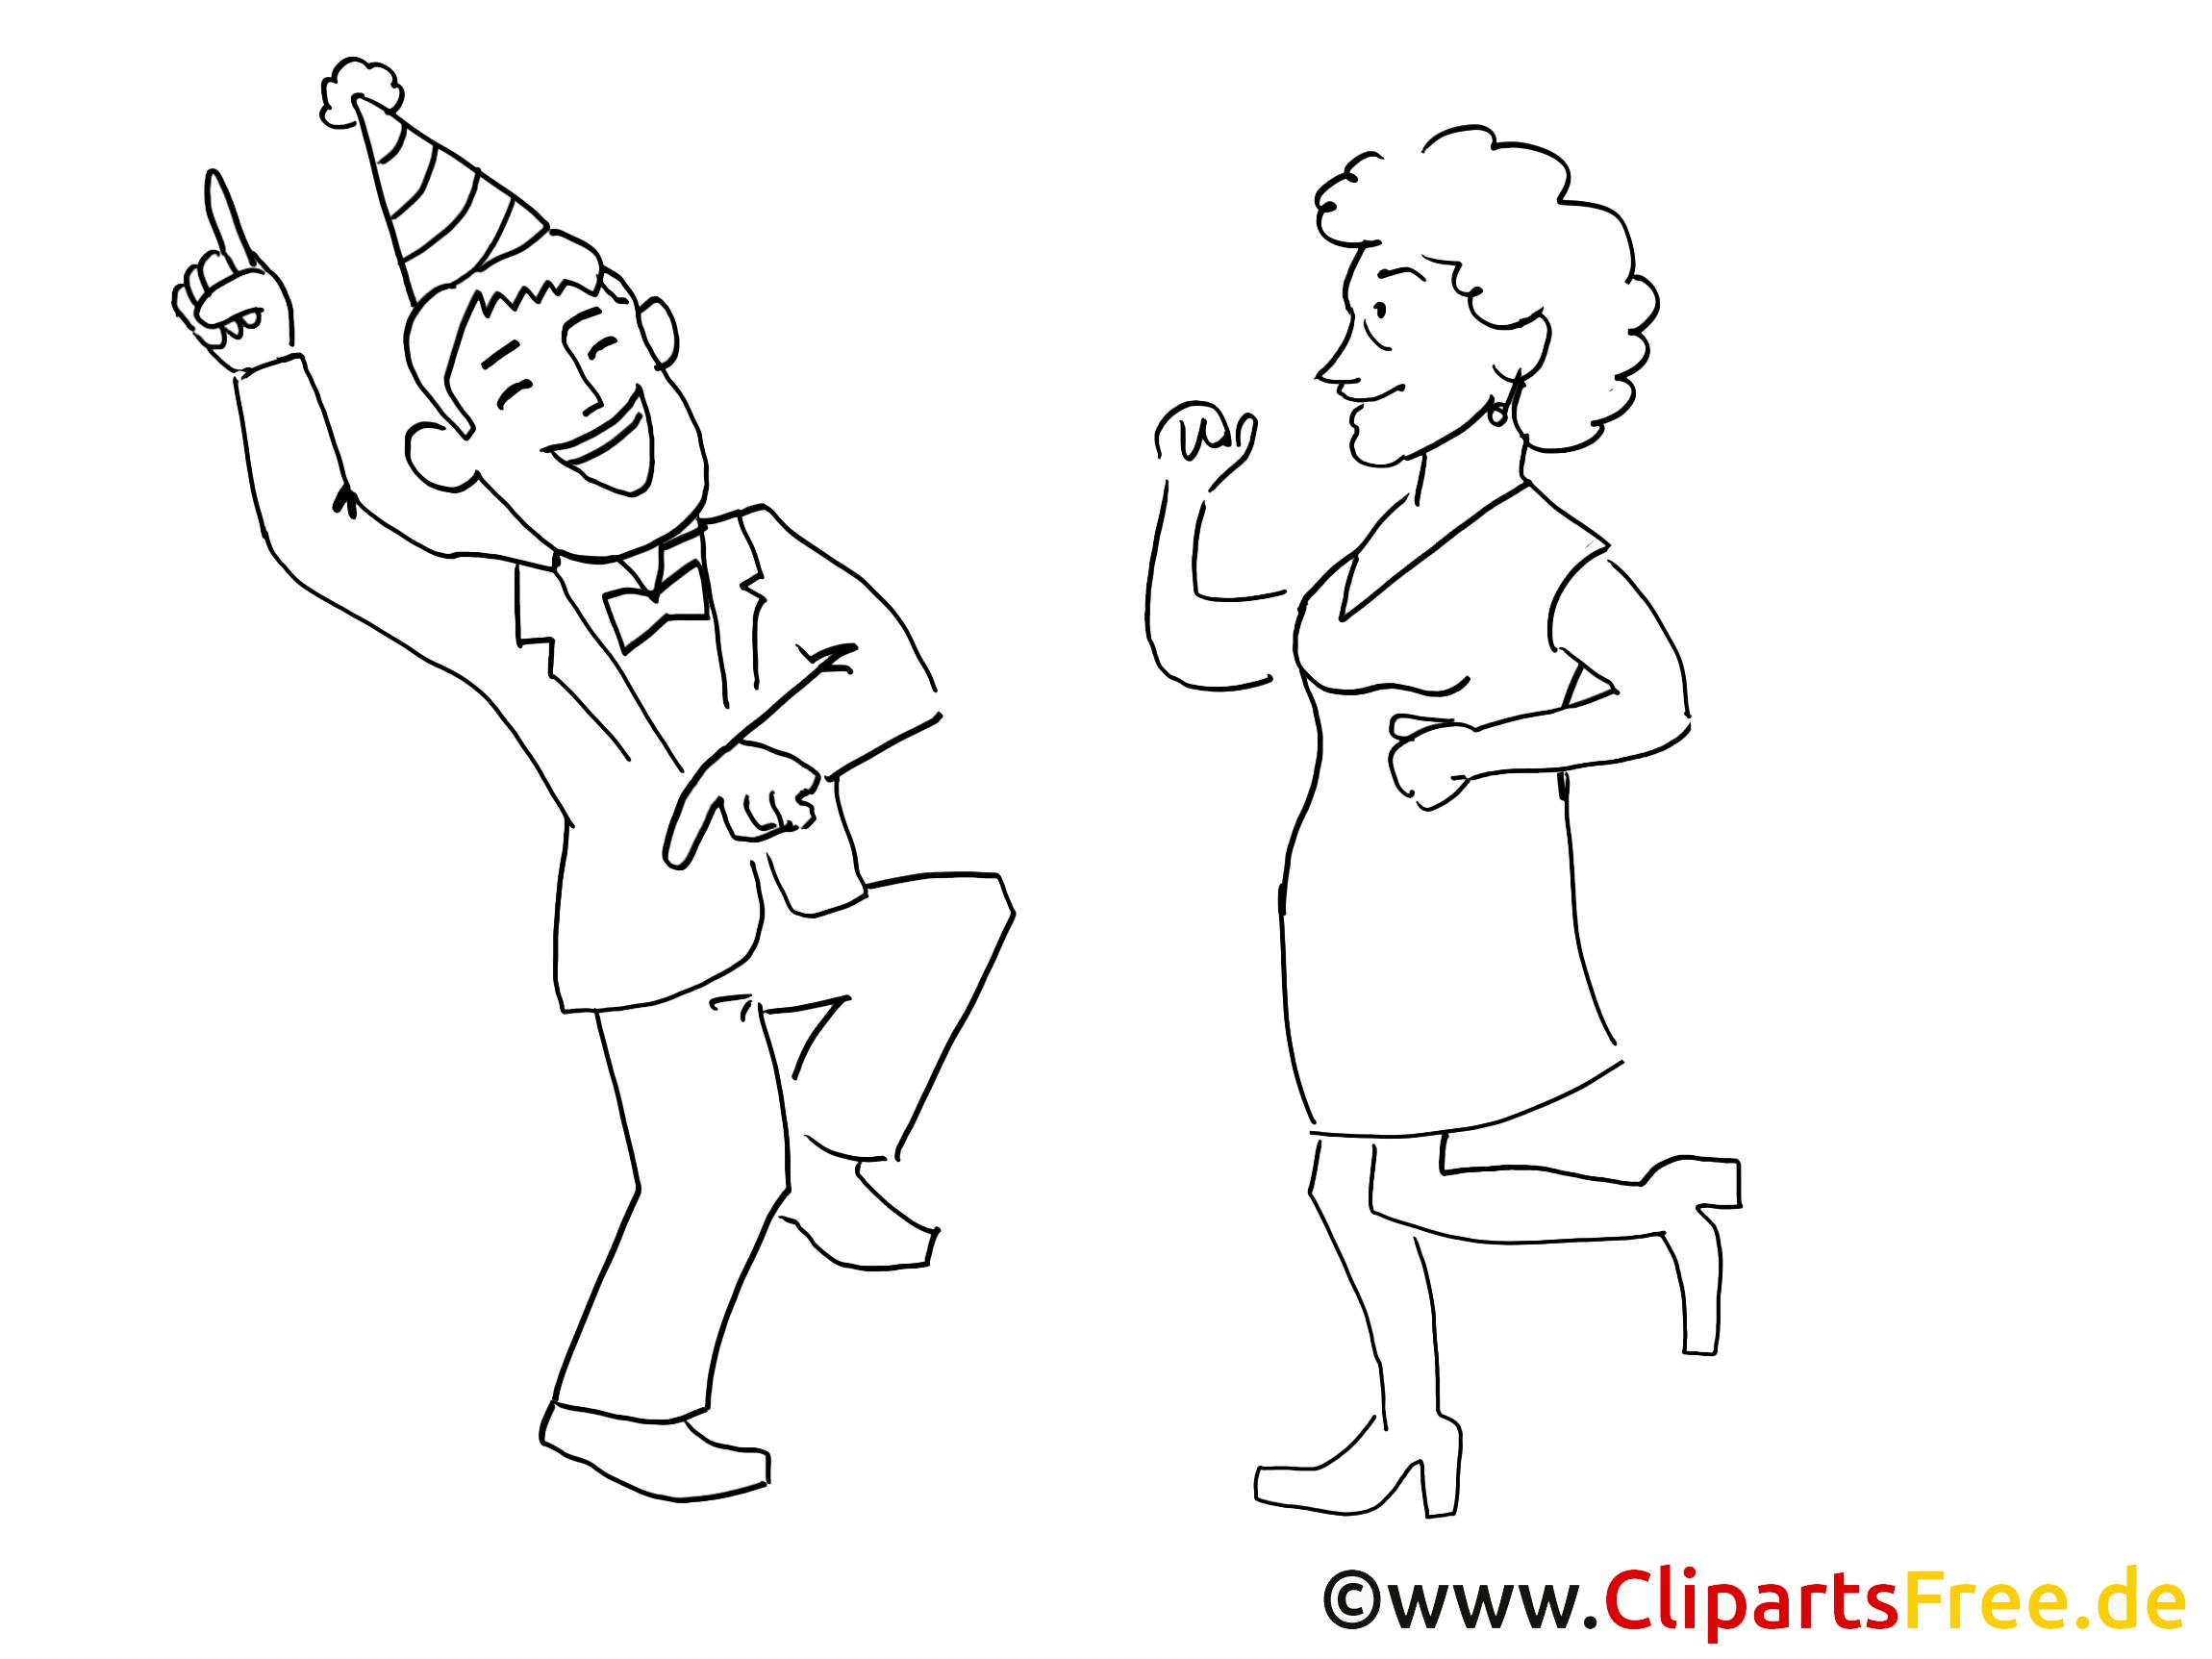 Party Clipart Schwarz Weiß